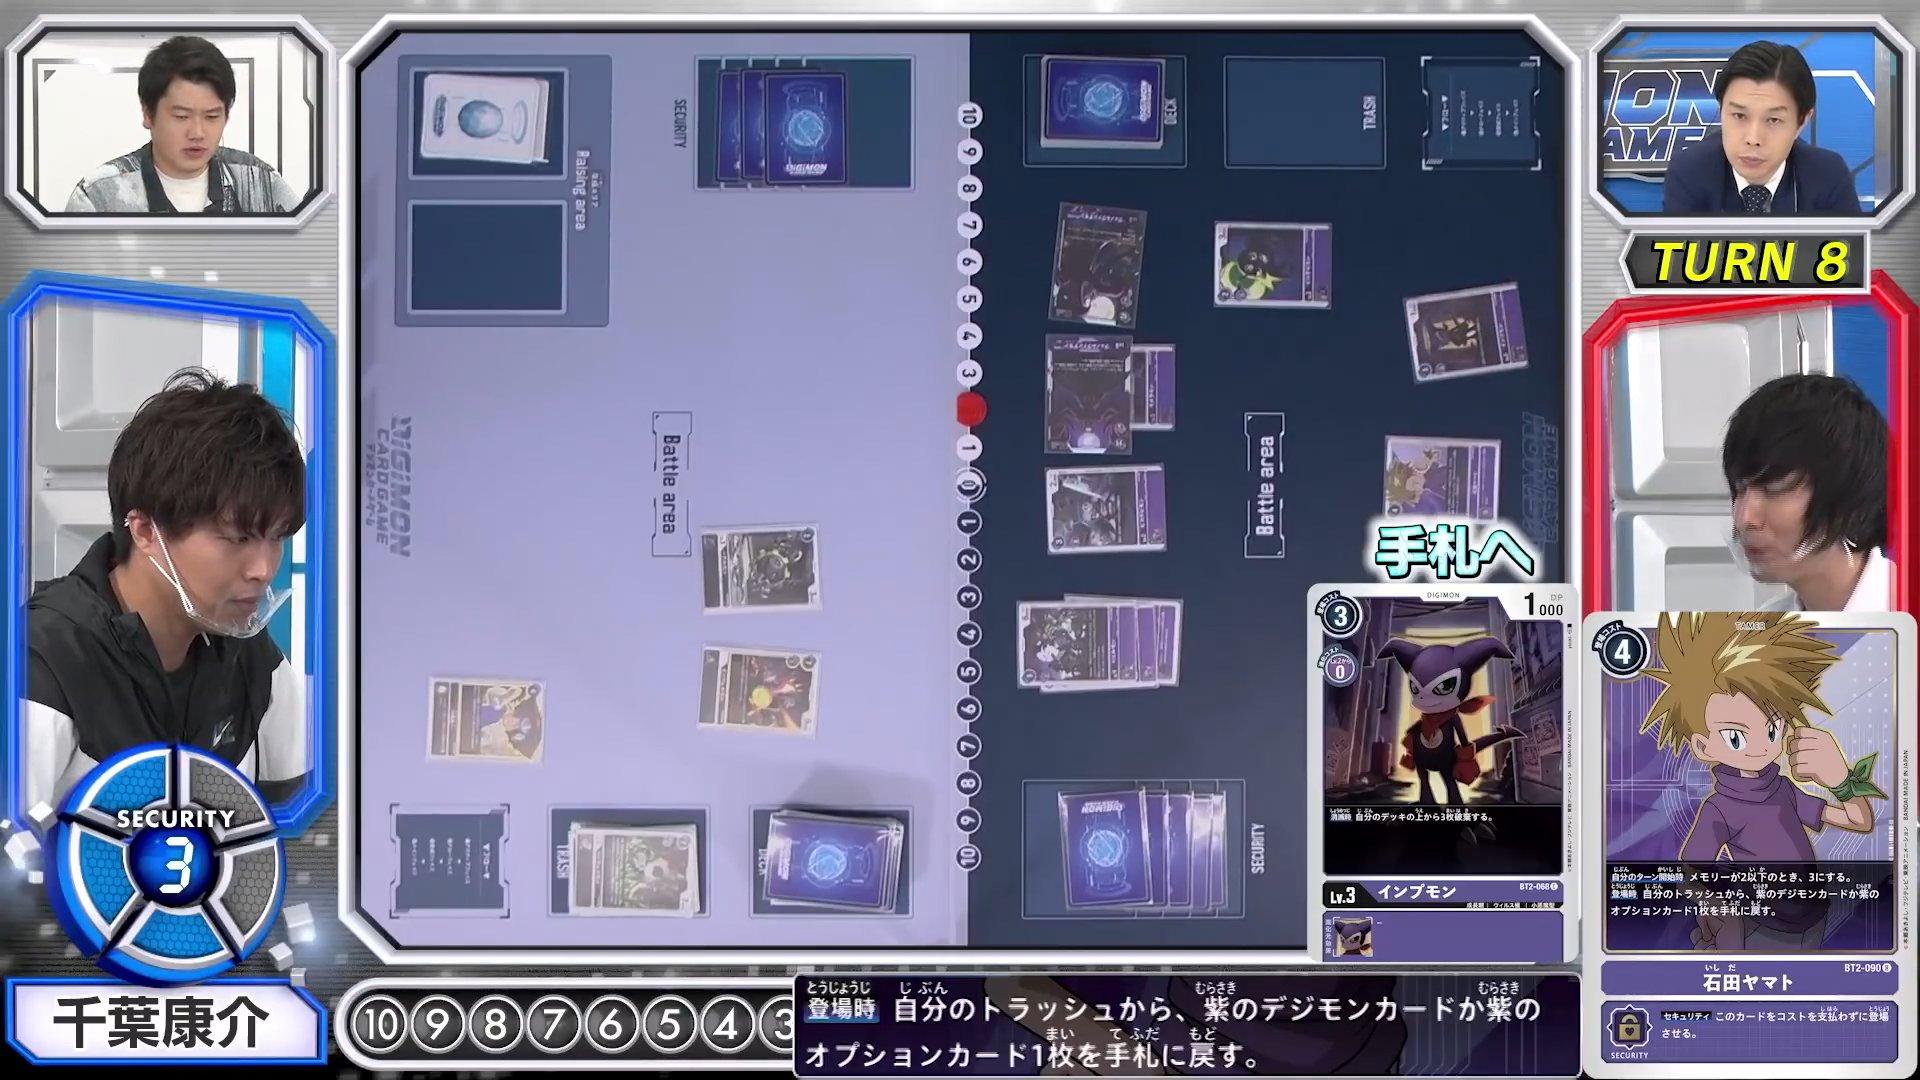 digimoncardbattle_s2_04_09_october30_2020.jpg